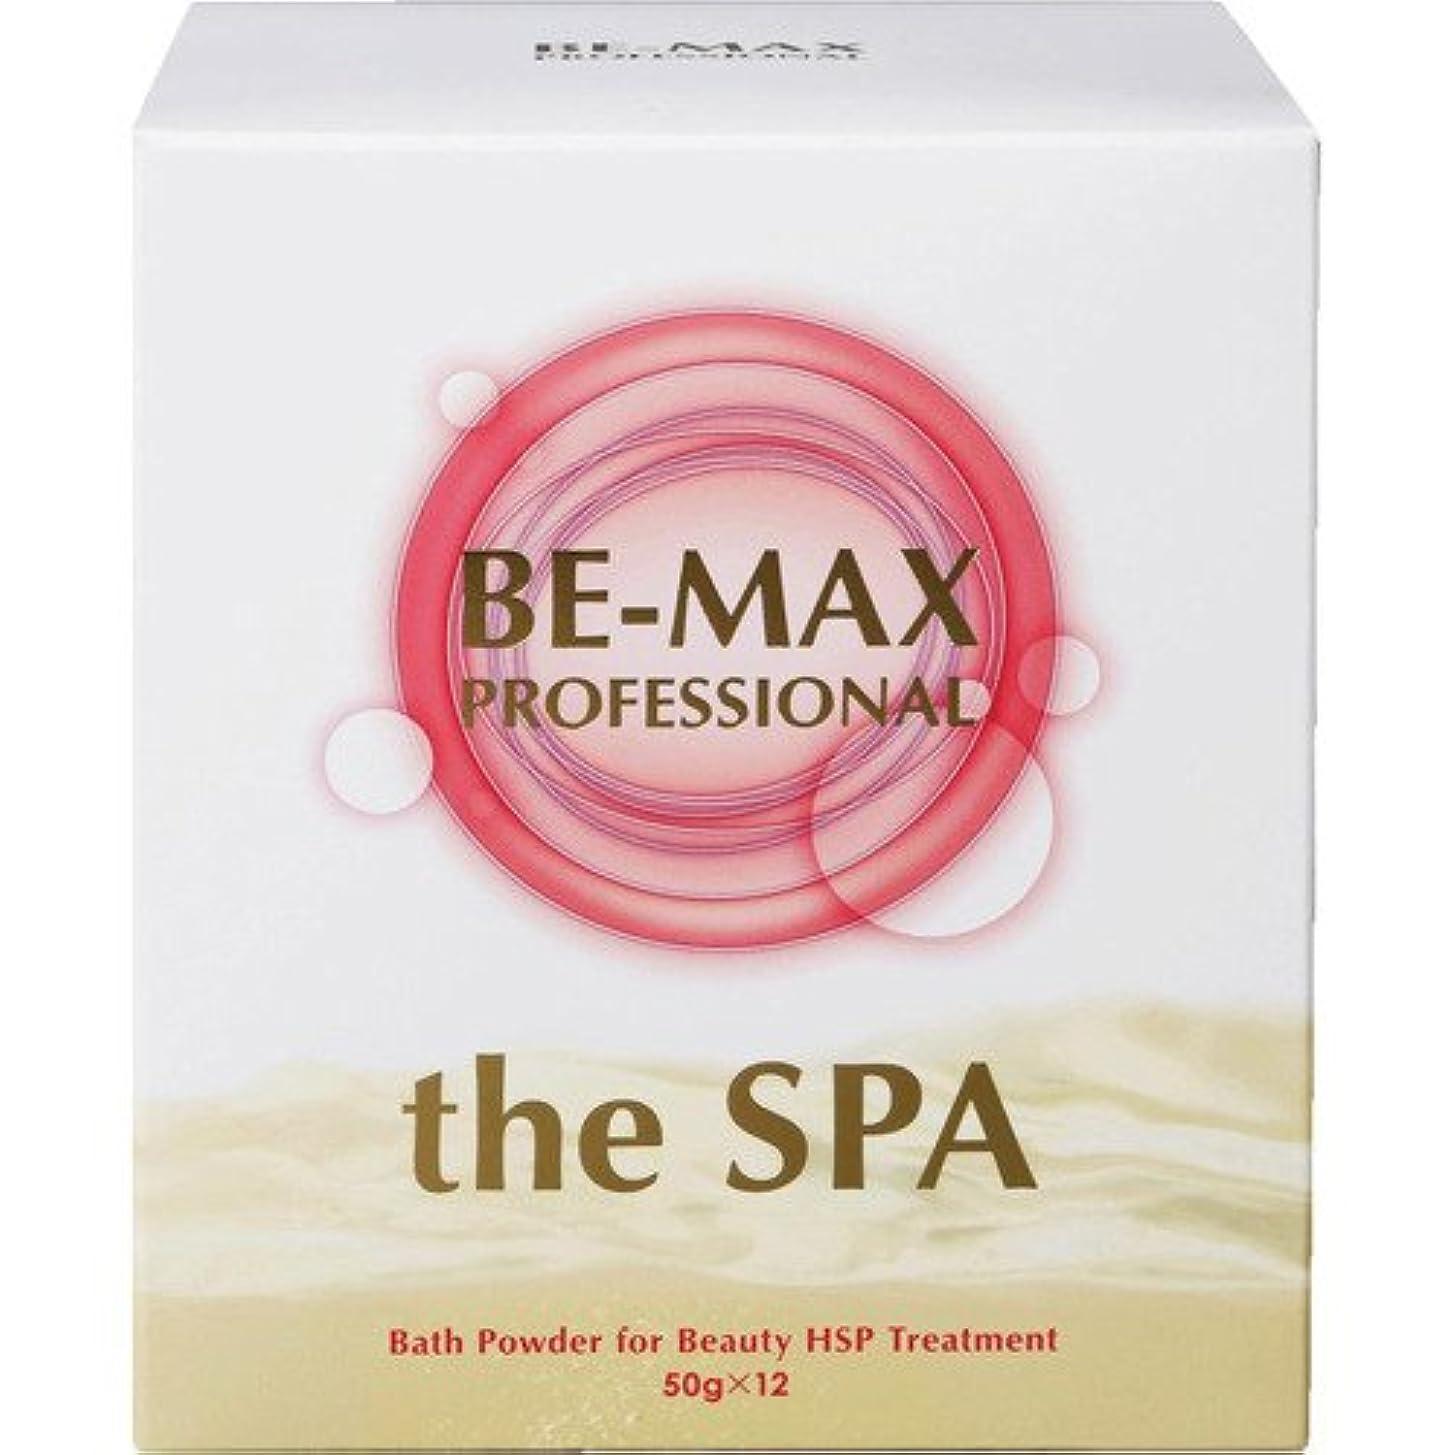 脊椎永続福祉BE-MAX the SPA 入浴剤 柑橘系ハーブ精油がふわりと香る微炭酸湯